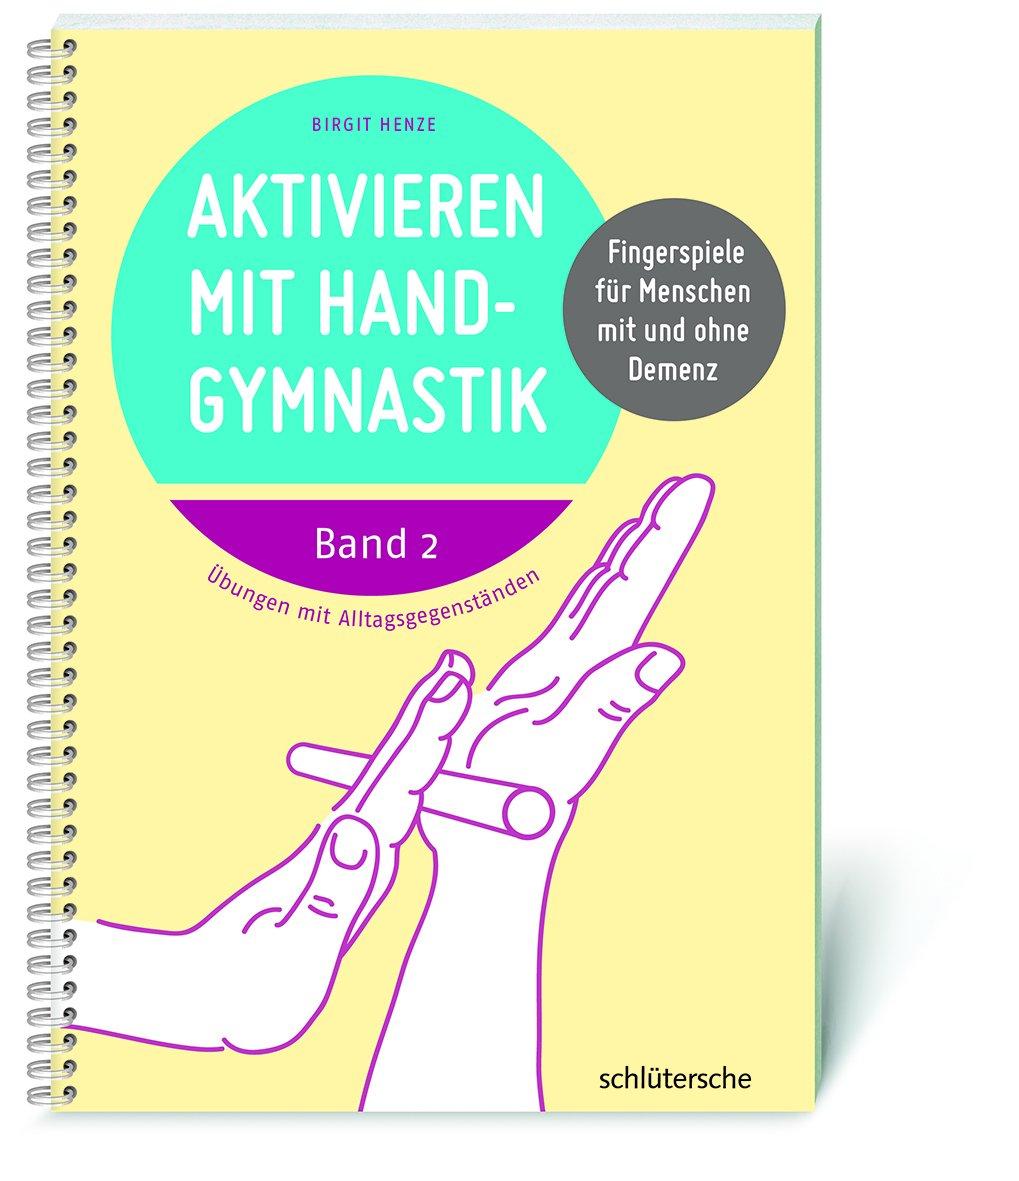 aktivieren-mit-handgymnastik-fingerspiele-fr-menschen-mit-und-ohne-demenz-band-2